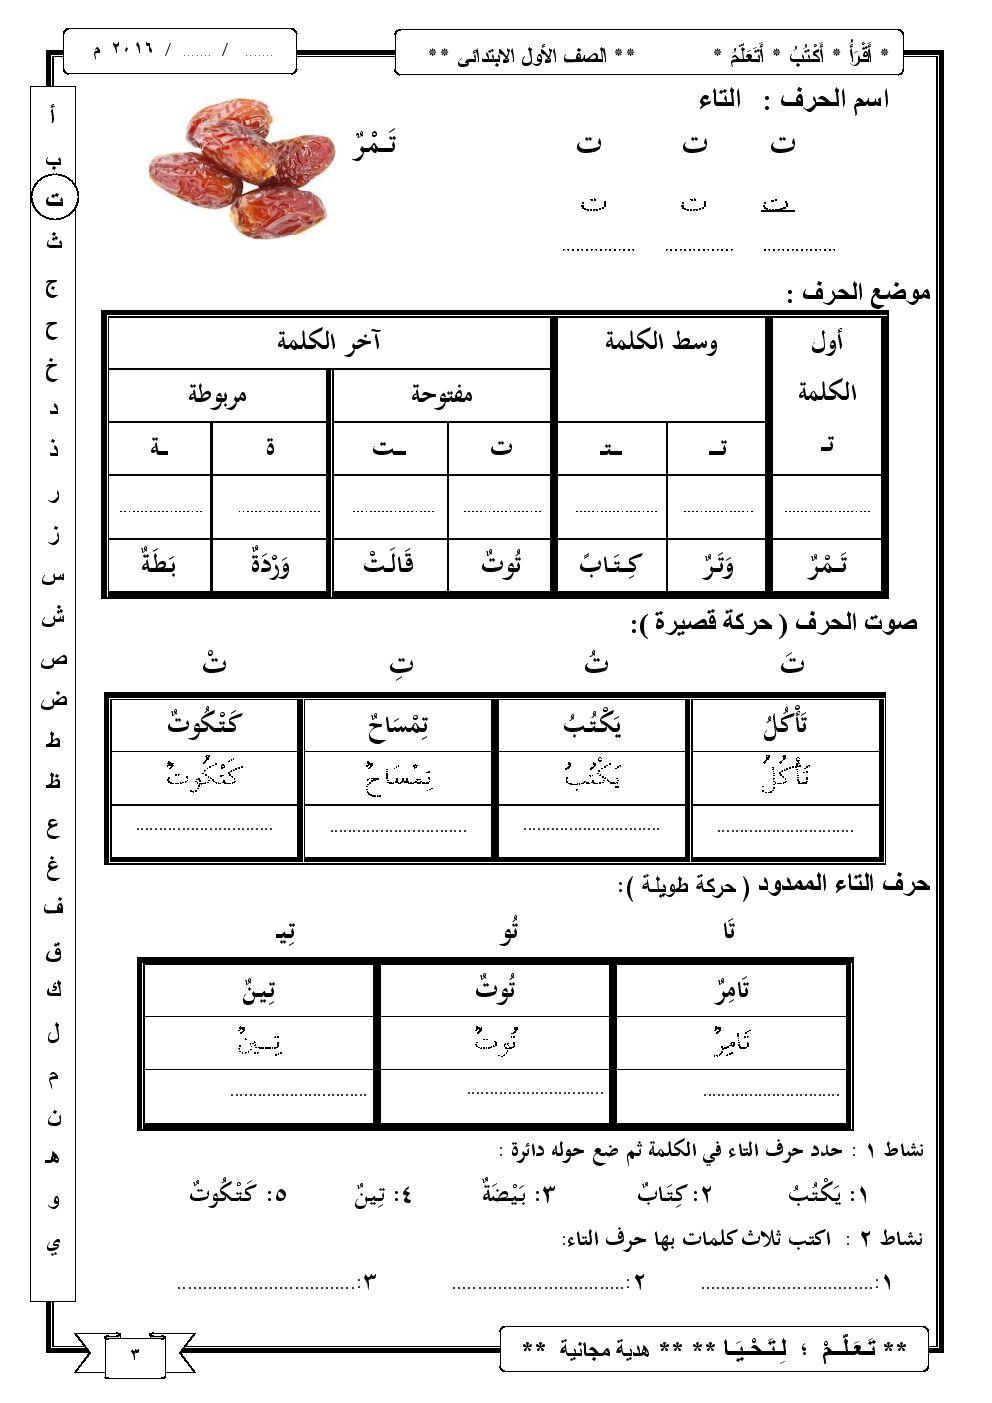 المدرس بوك كتب مراجعات قرائية ملخصات مذكرات رصد اتقان Learn Arabic Alphabet Learning Arabic Learn Arabic Online